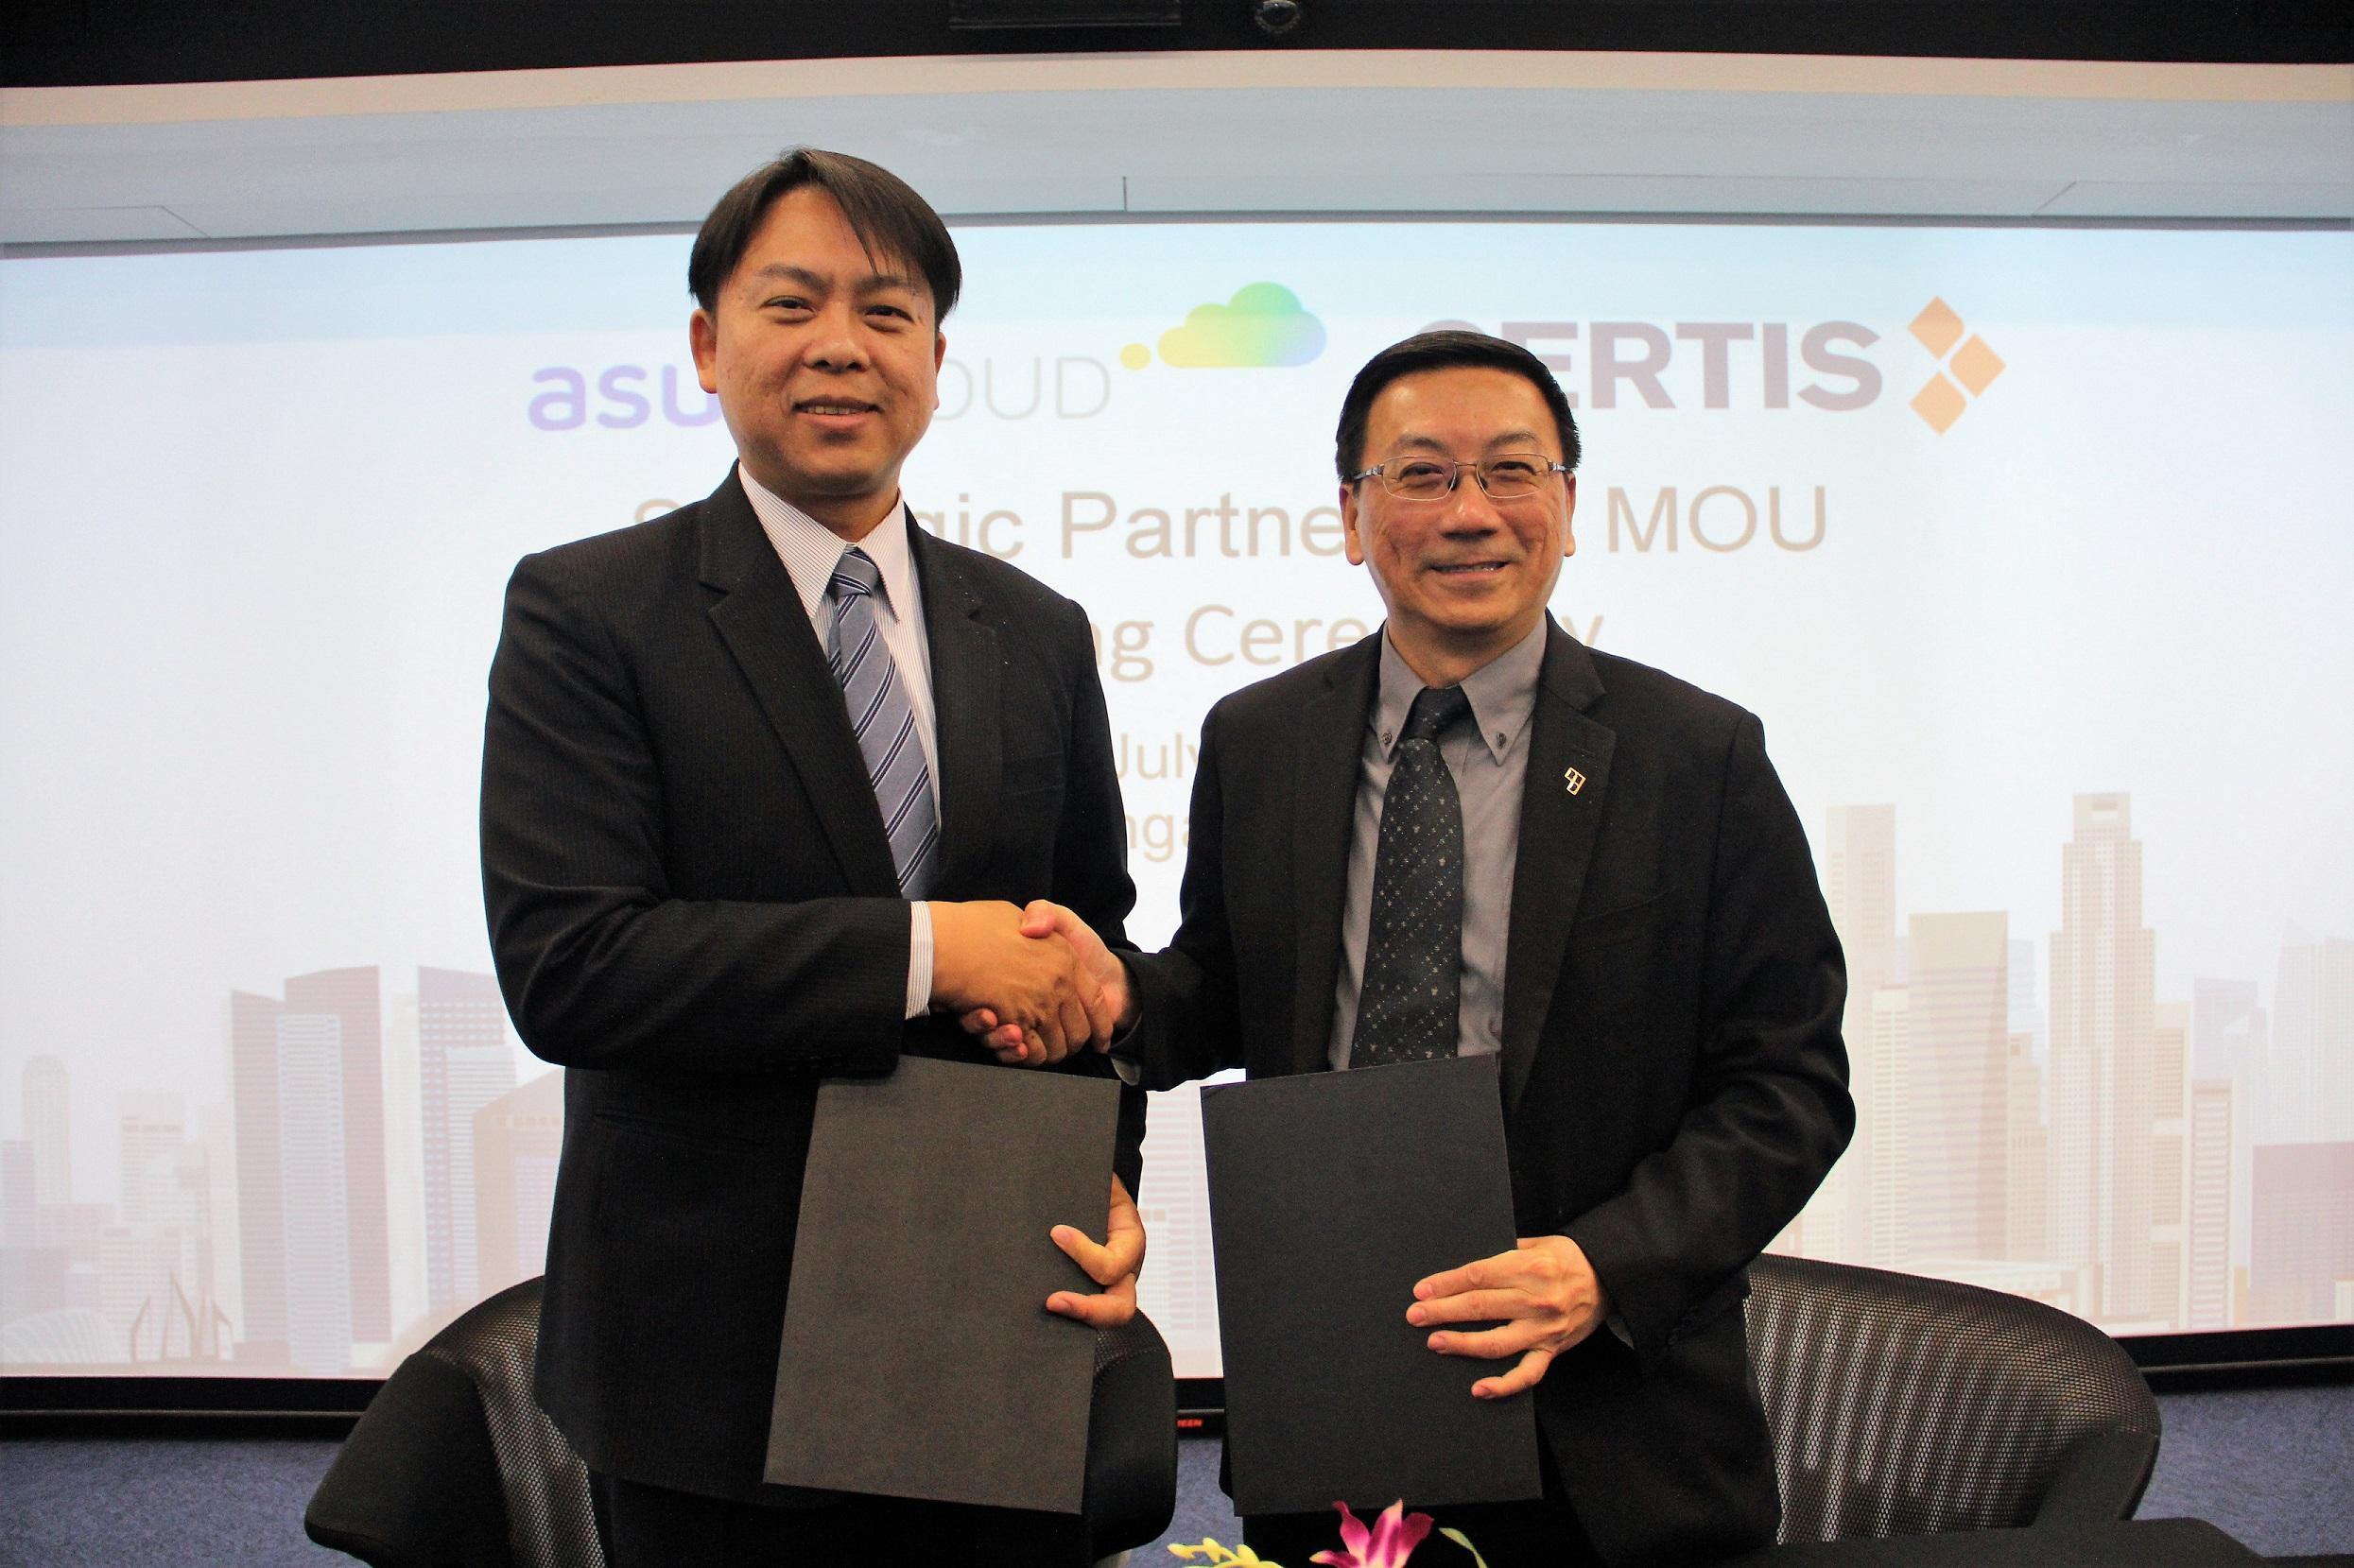 Certis 集團完成合作備忘錄簽署,宣示雙方於智慧保全領域展開全方位合作